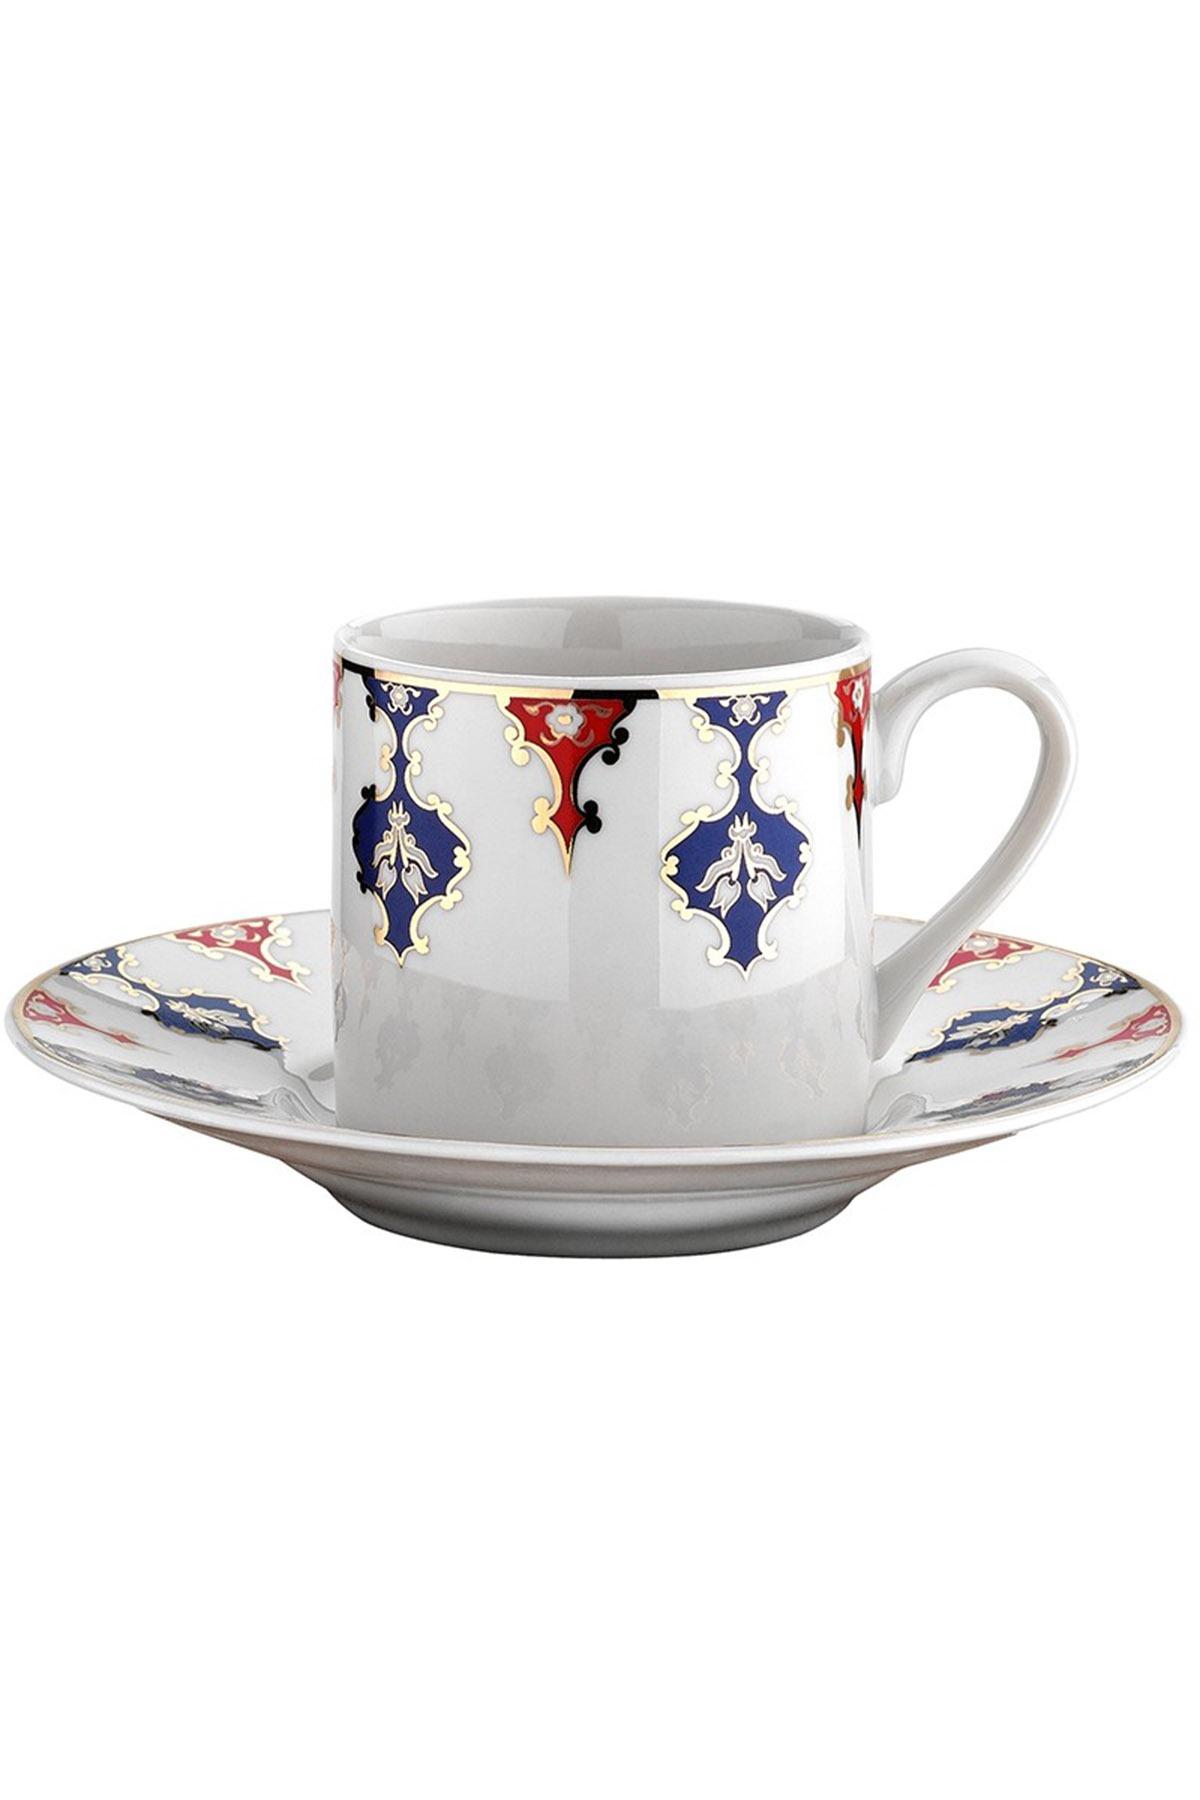 KÜTAHYA PORSELEN - Kütahya Porselen Rüya 7710 Desen Kahve Fincan Takımı